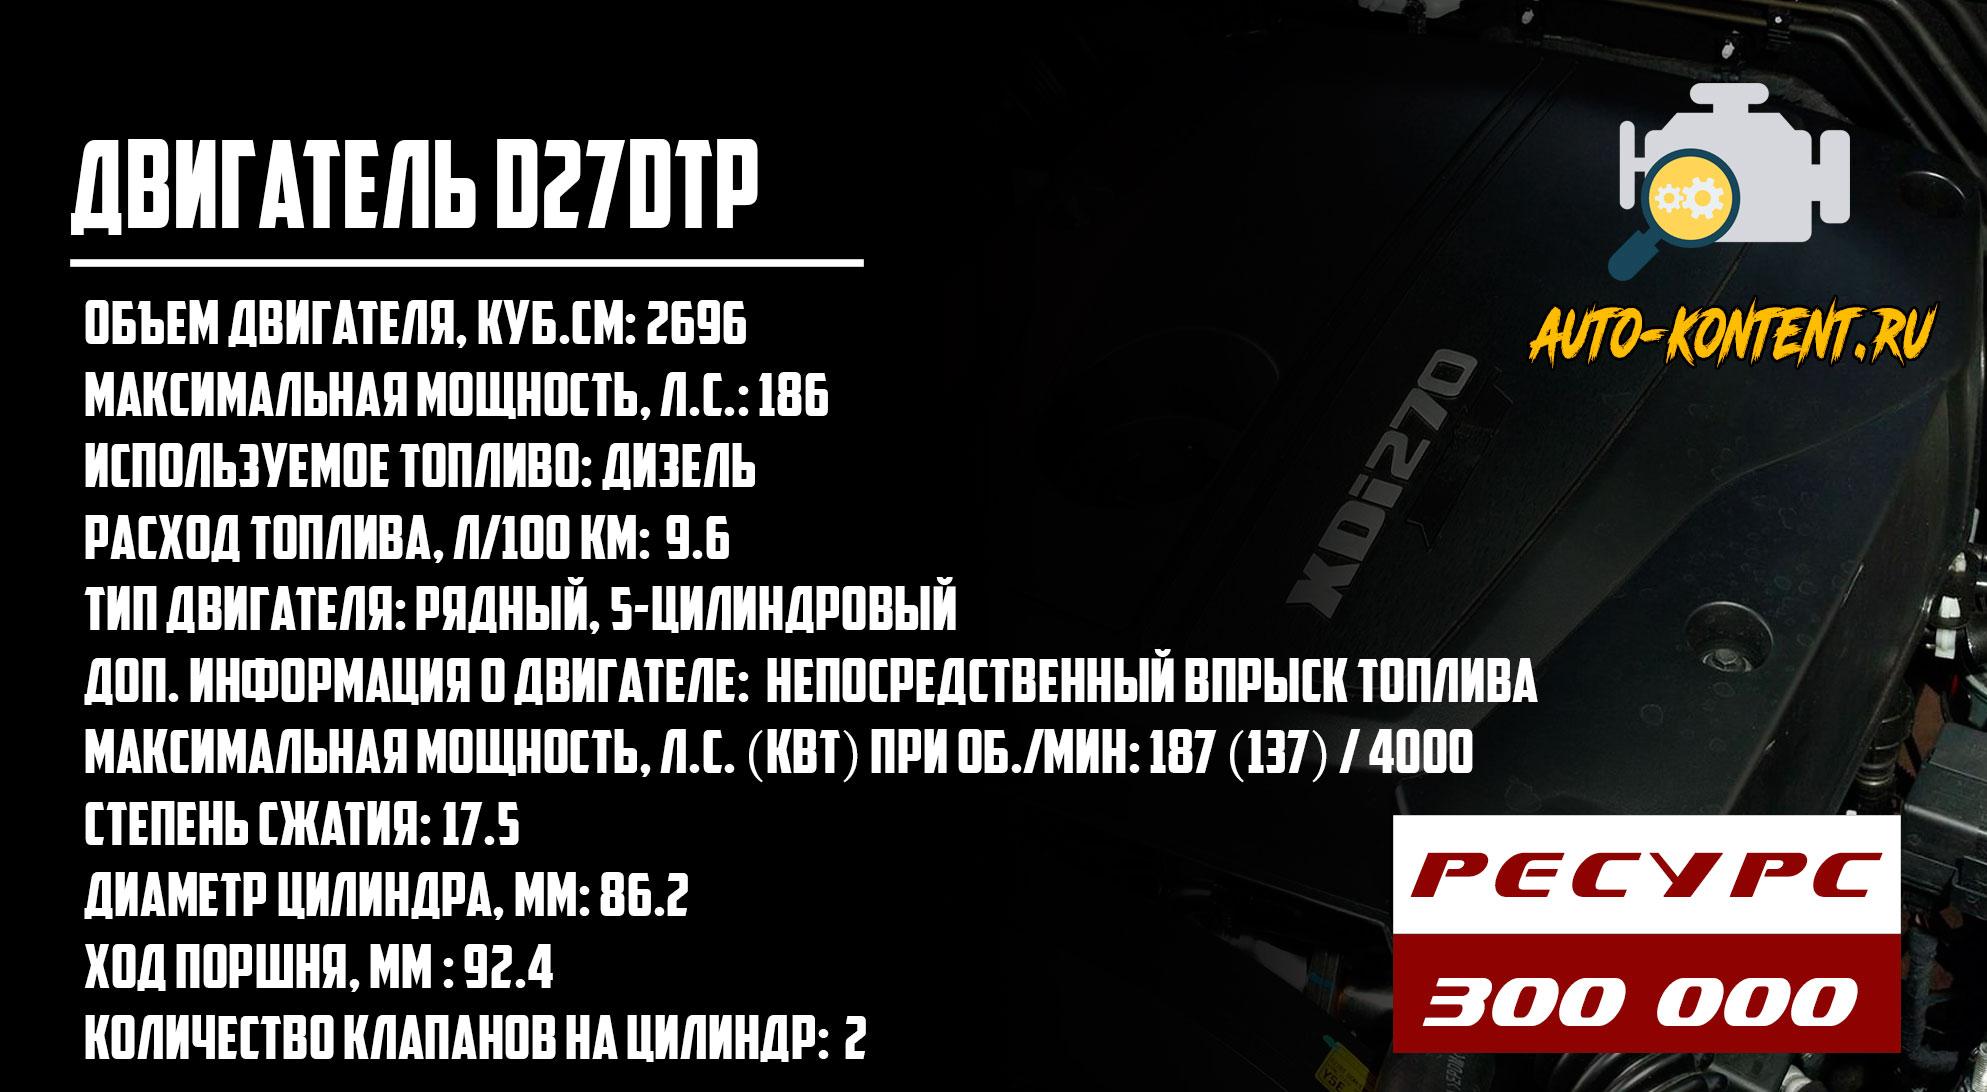 D27DTP